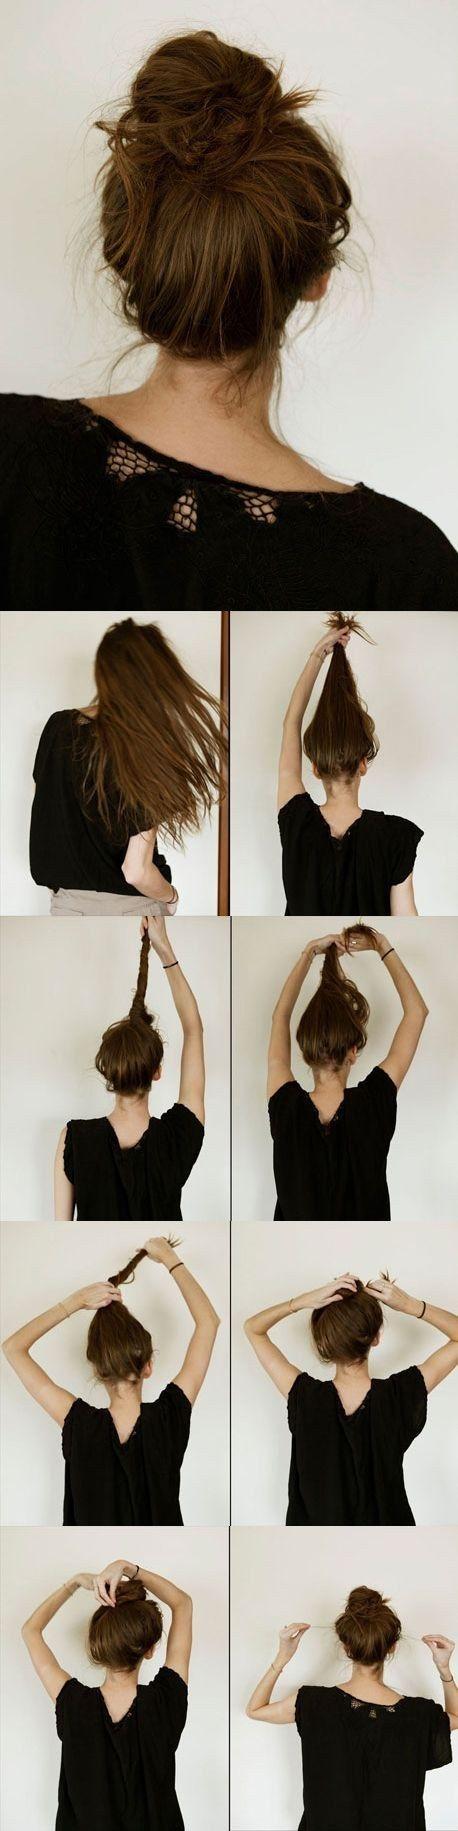 formas fáciles de lograr un peinado de princesa de disney messy